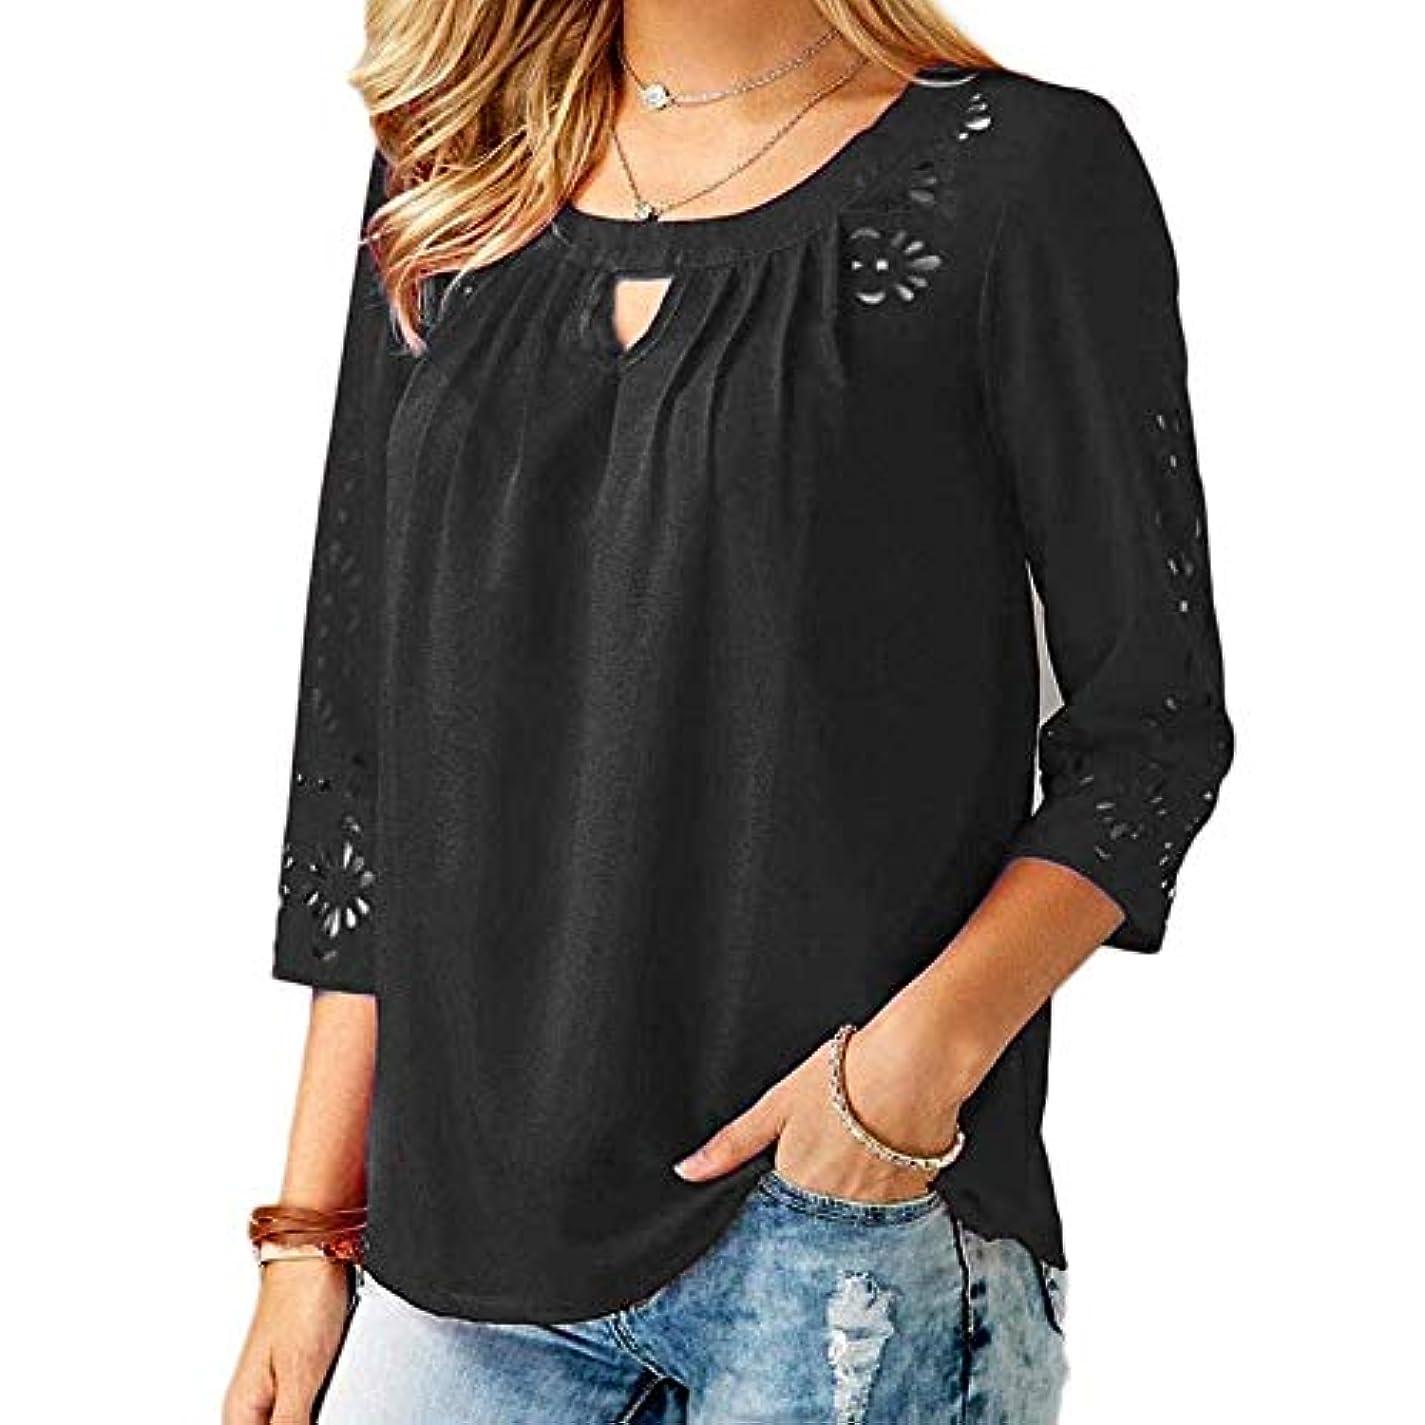 暗記するエリート失効MIFAN ゆったりTシャツ、シフォンシャツ、カジュアルシャツ、女性トップ、プラスサイズトップ